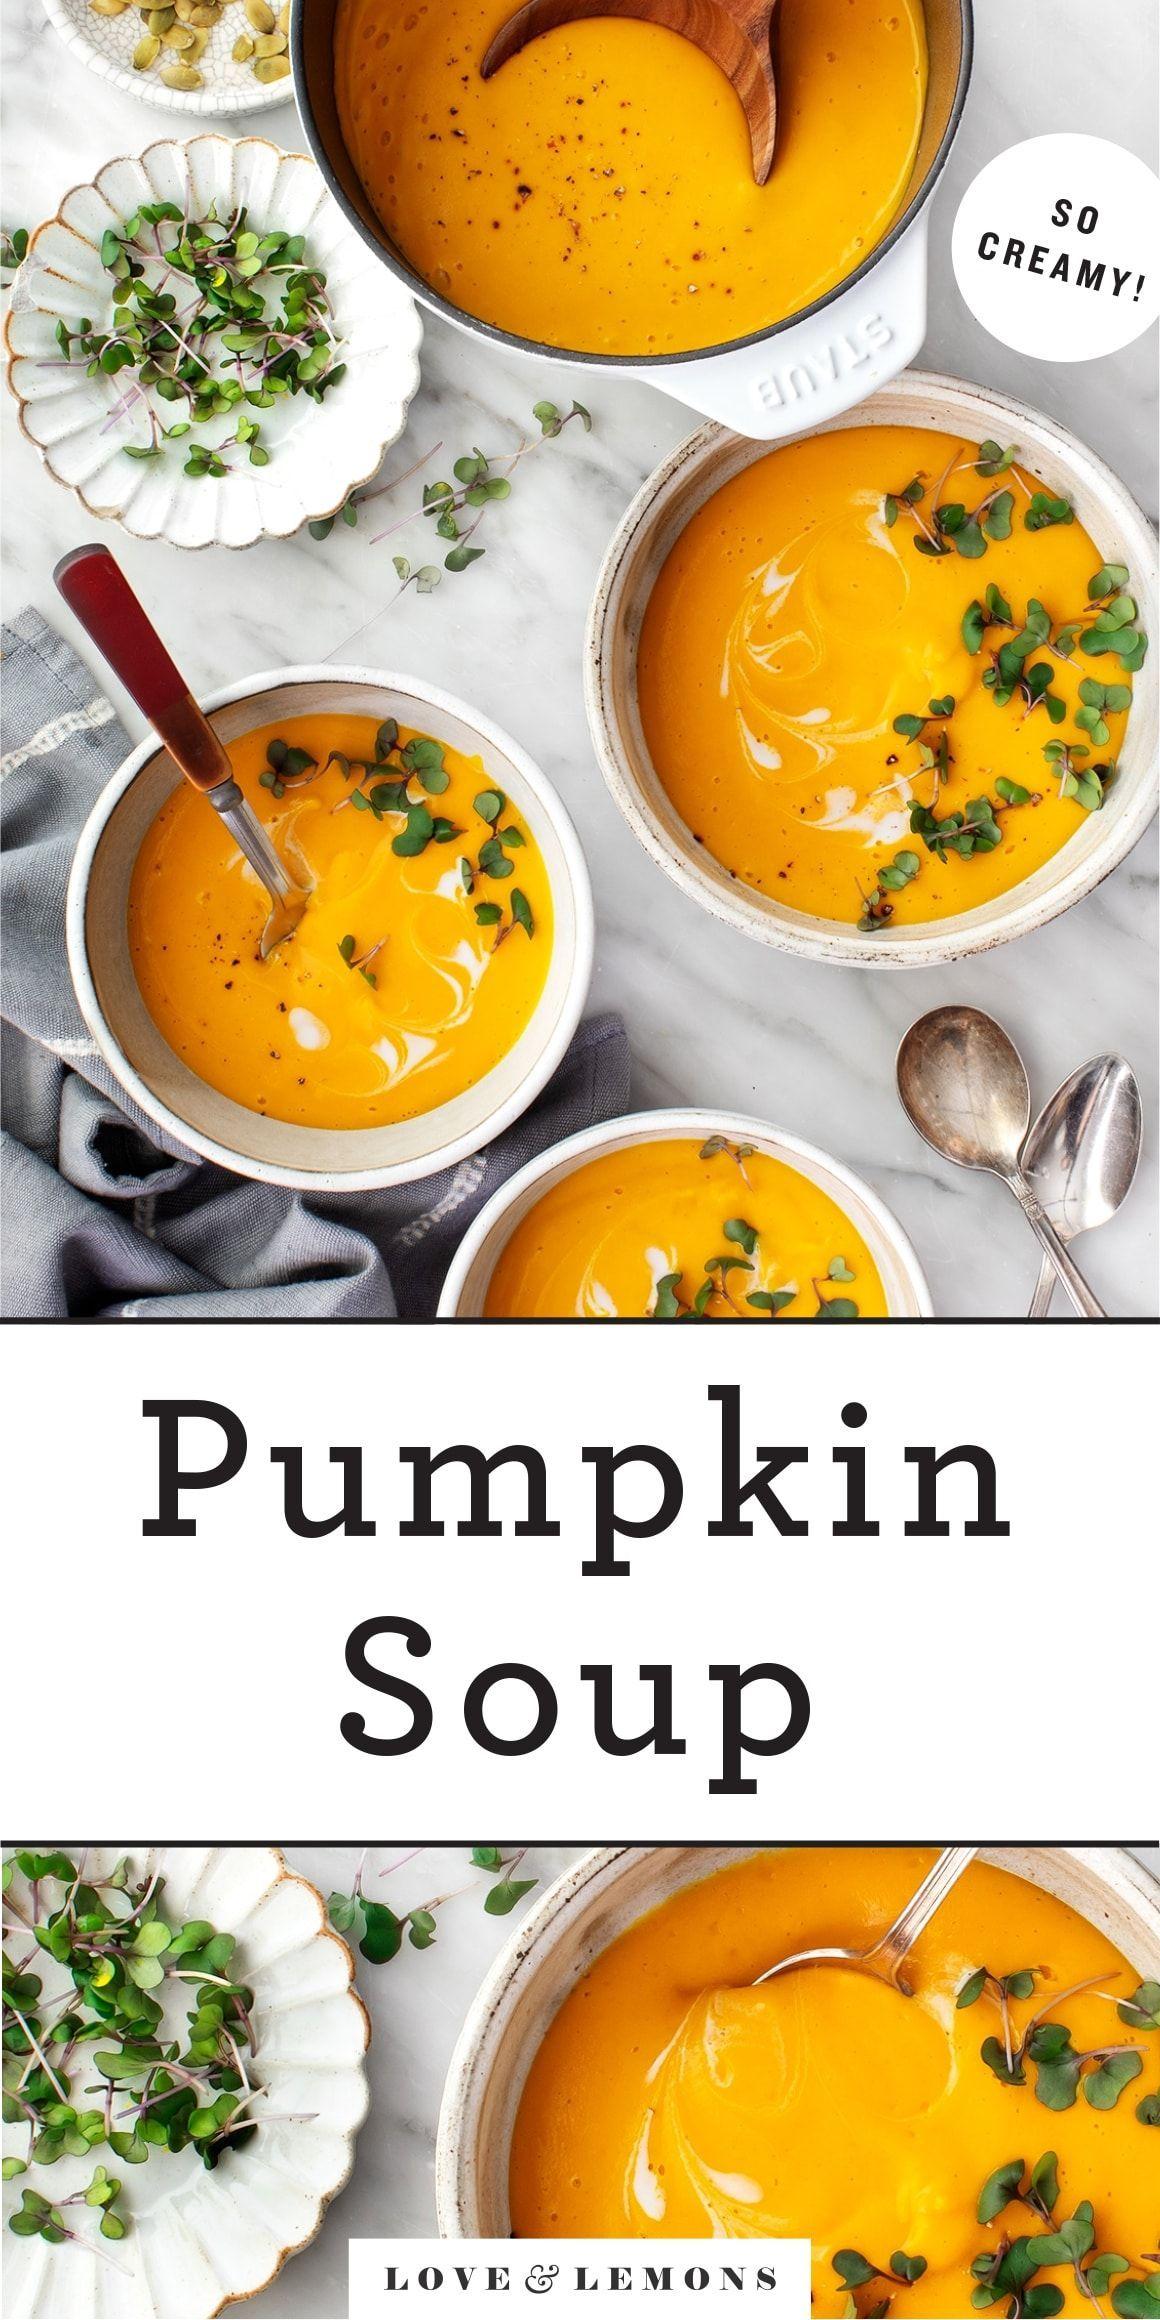 Pumpkin Soup Love And Lemons Recipe Pumpkin Soup Recipe Pumpkin Soup Soup Recipes